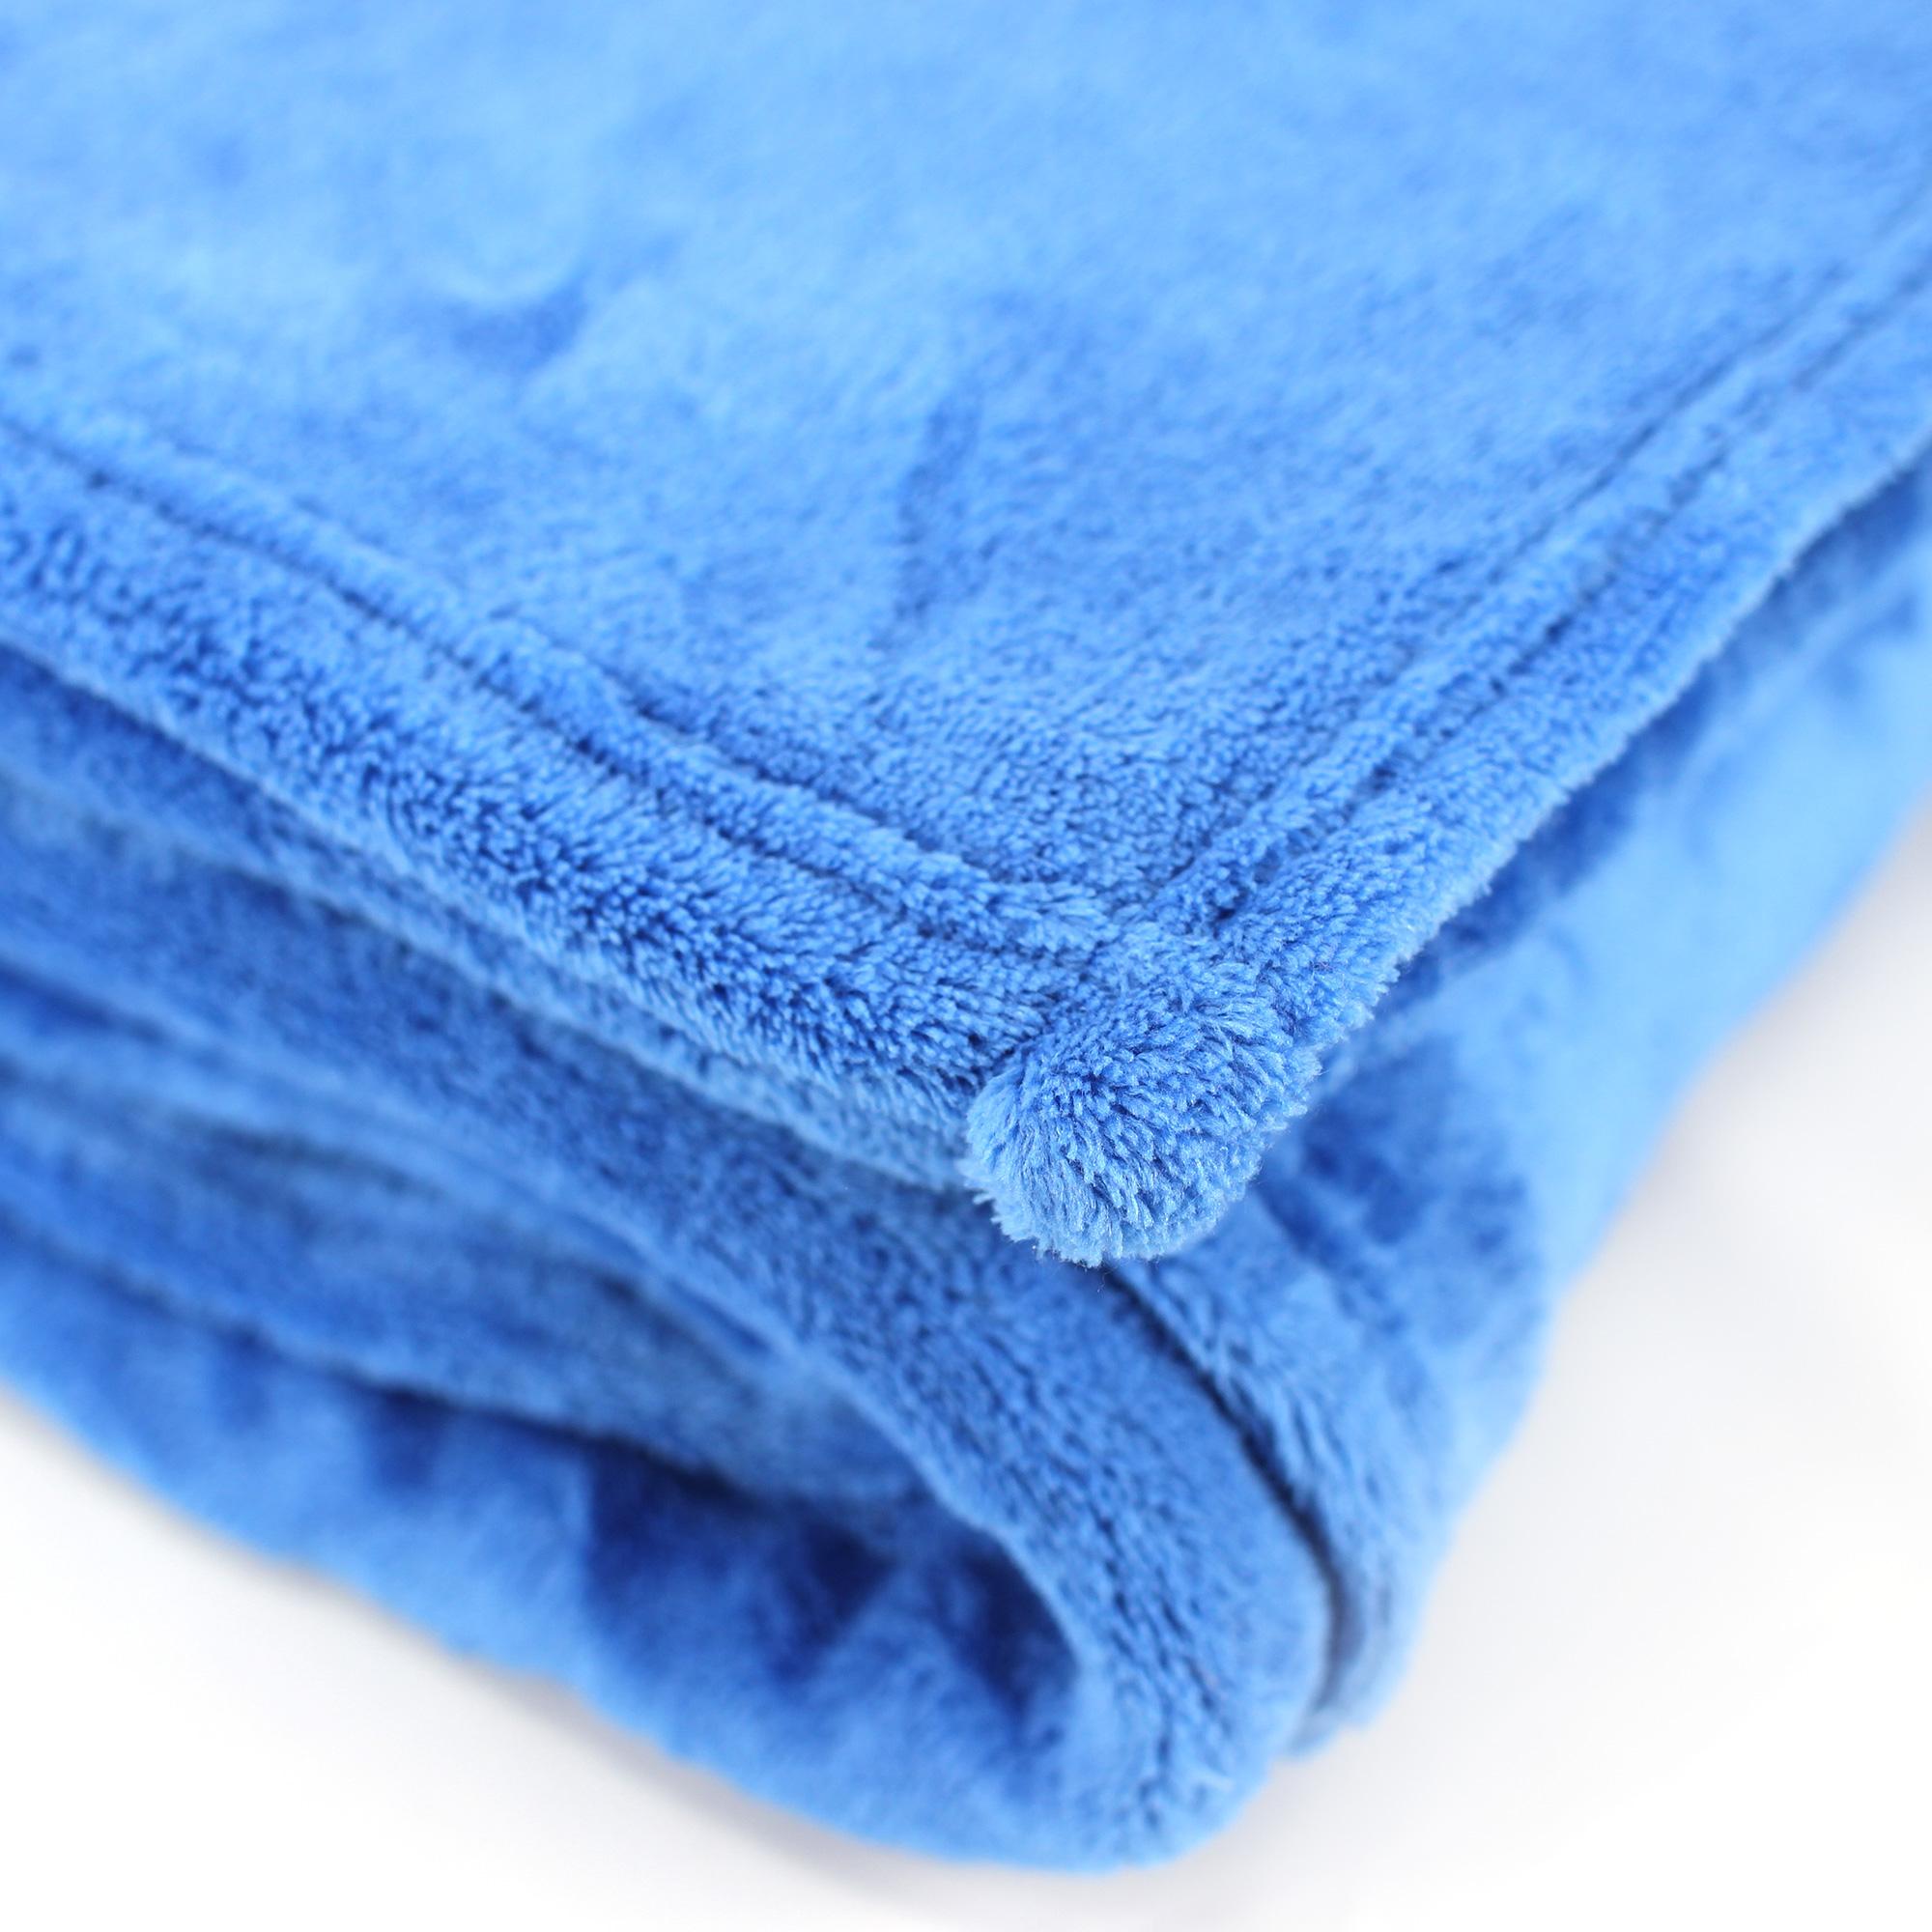 Couverture-polaire-240x260-Microfibre-280g-m2-APOLLO-Bleu-Azur